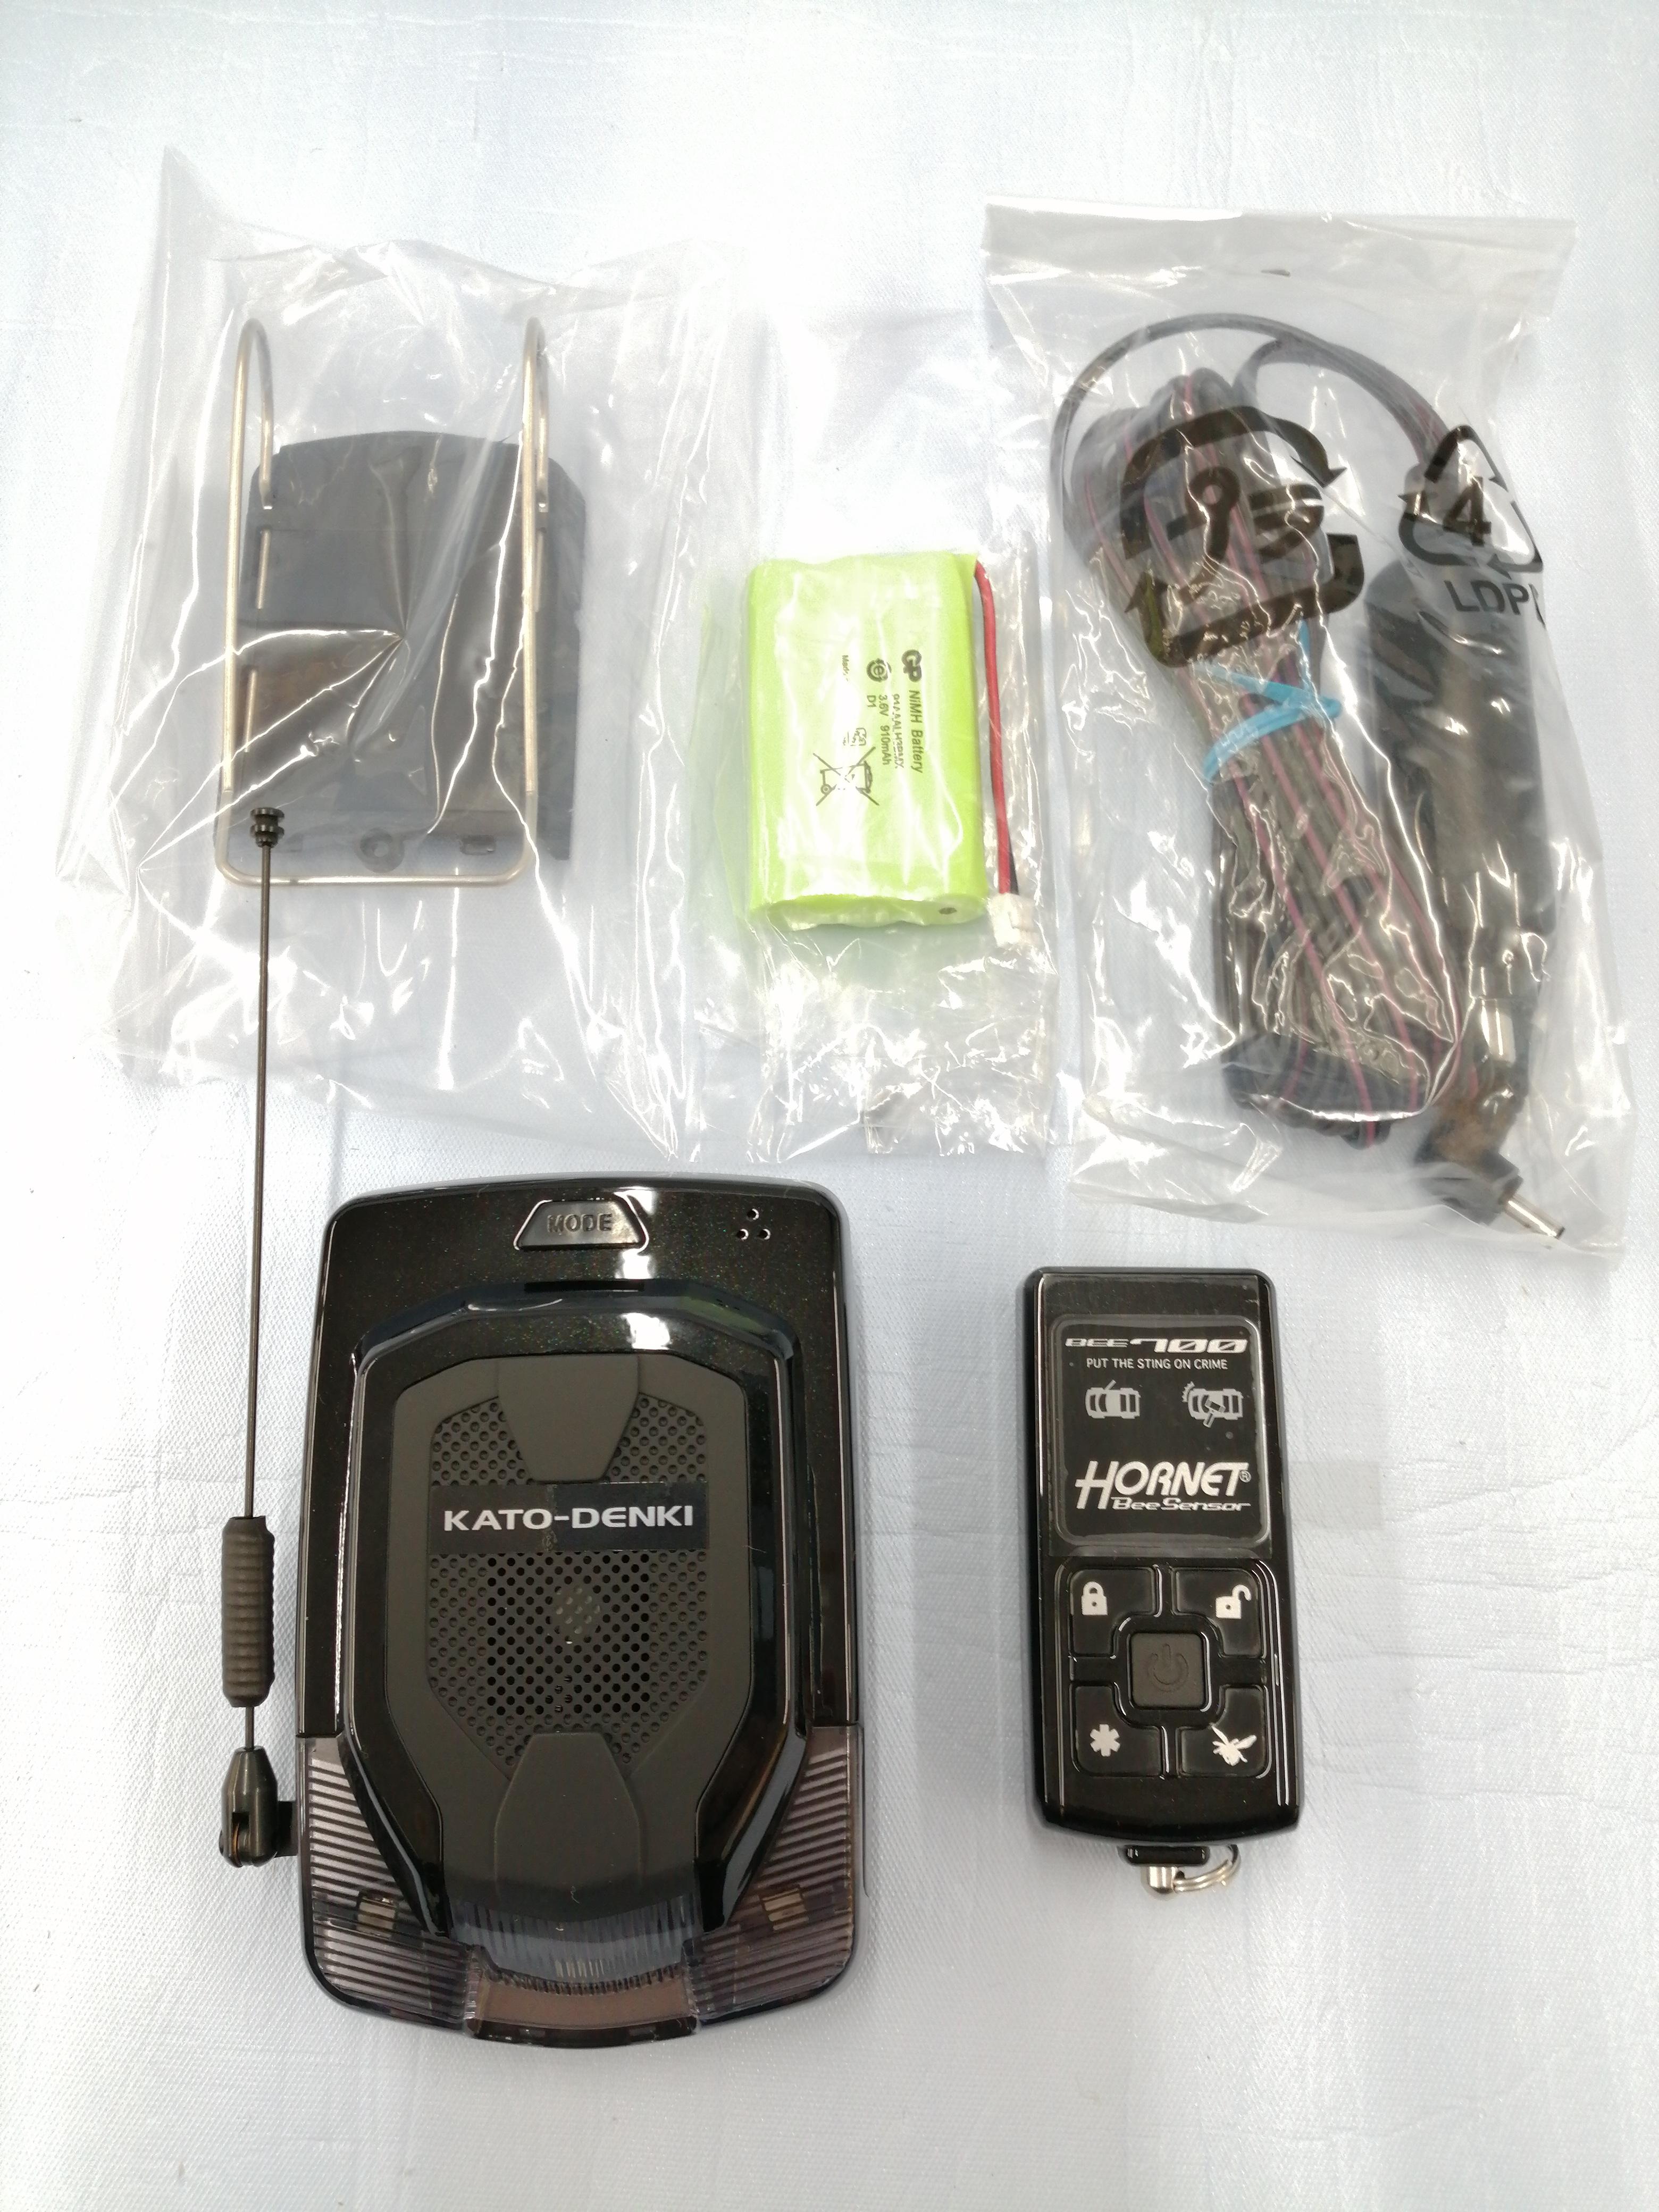 自動車簡易型防犯警報装置|加藤電機株式会社